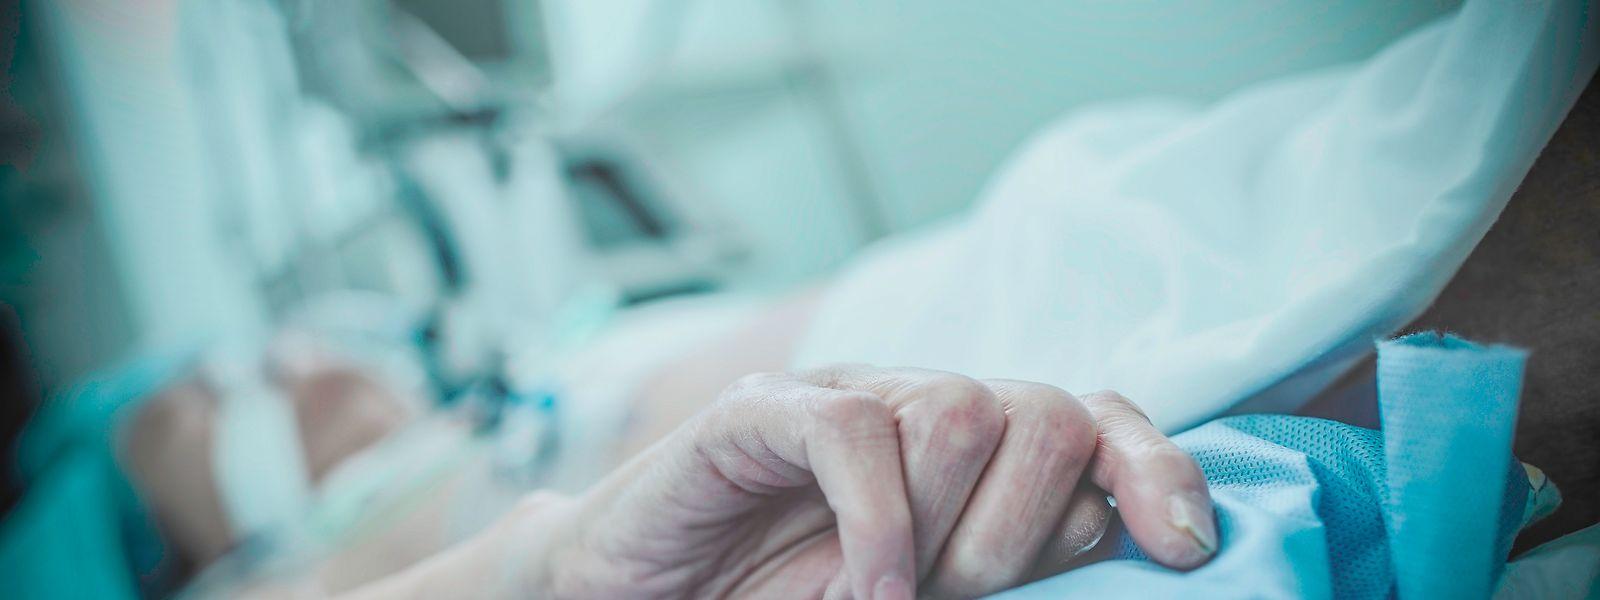 Die Kommission beanstandet, dass die Krankenhäuser sich bisweilen schwer tun mit der Sterbehilfe.